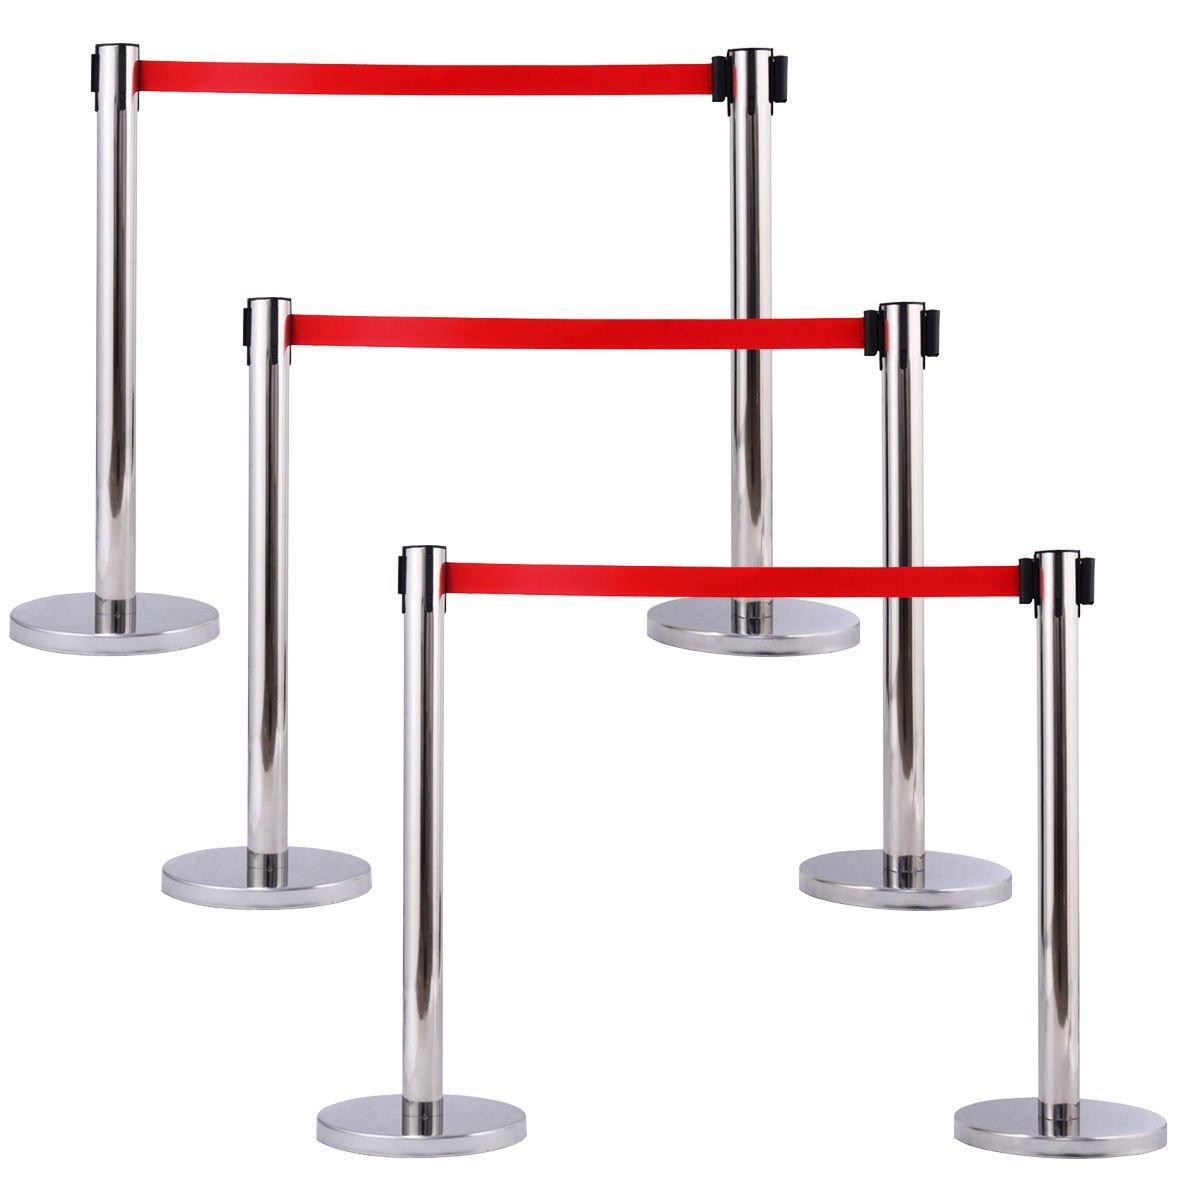 6 Pcs. Belt Retractable Crowd Control Stanchion Barrier Posts Queue Pole, Red by Alek...Shop (Image #1)